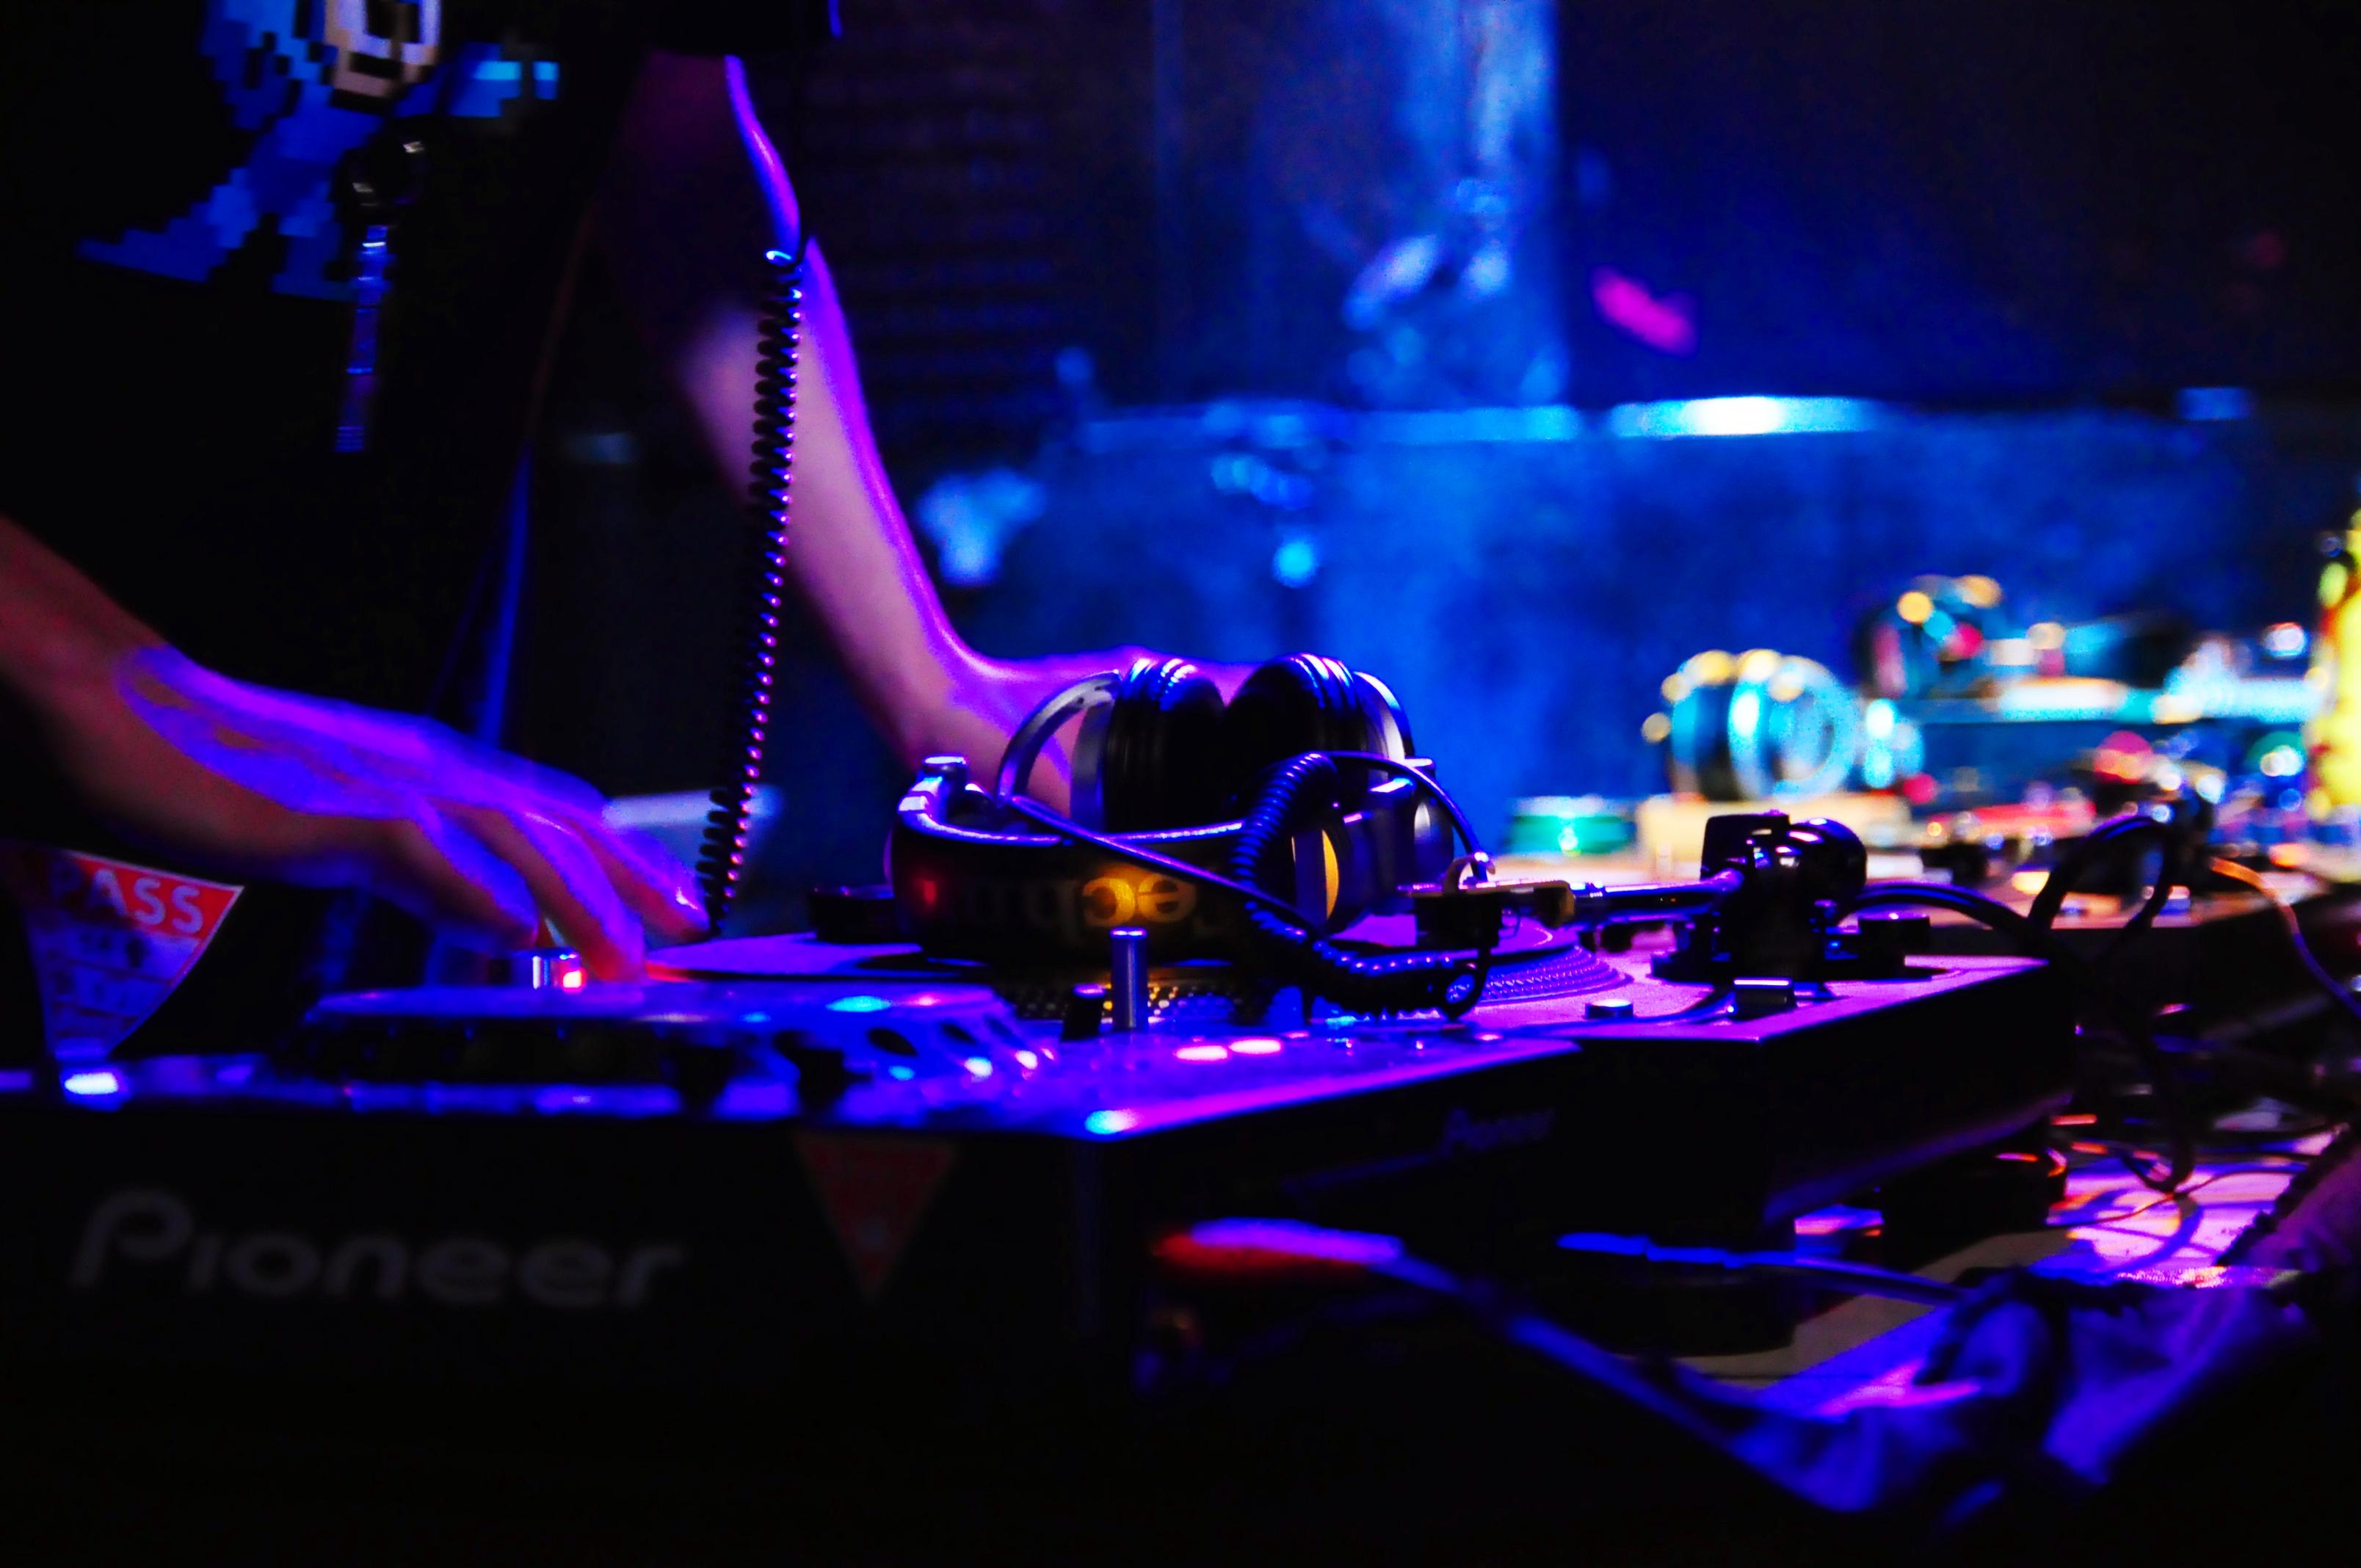 全米レコード協会(RIAA)のレポートとSpotify上場にみるクラブミュージックの生存戦略